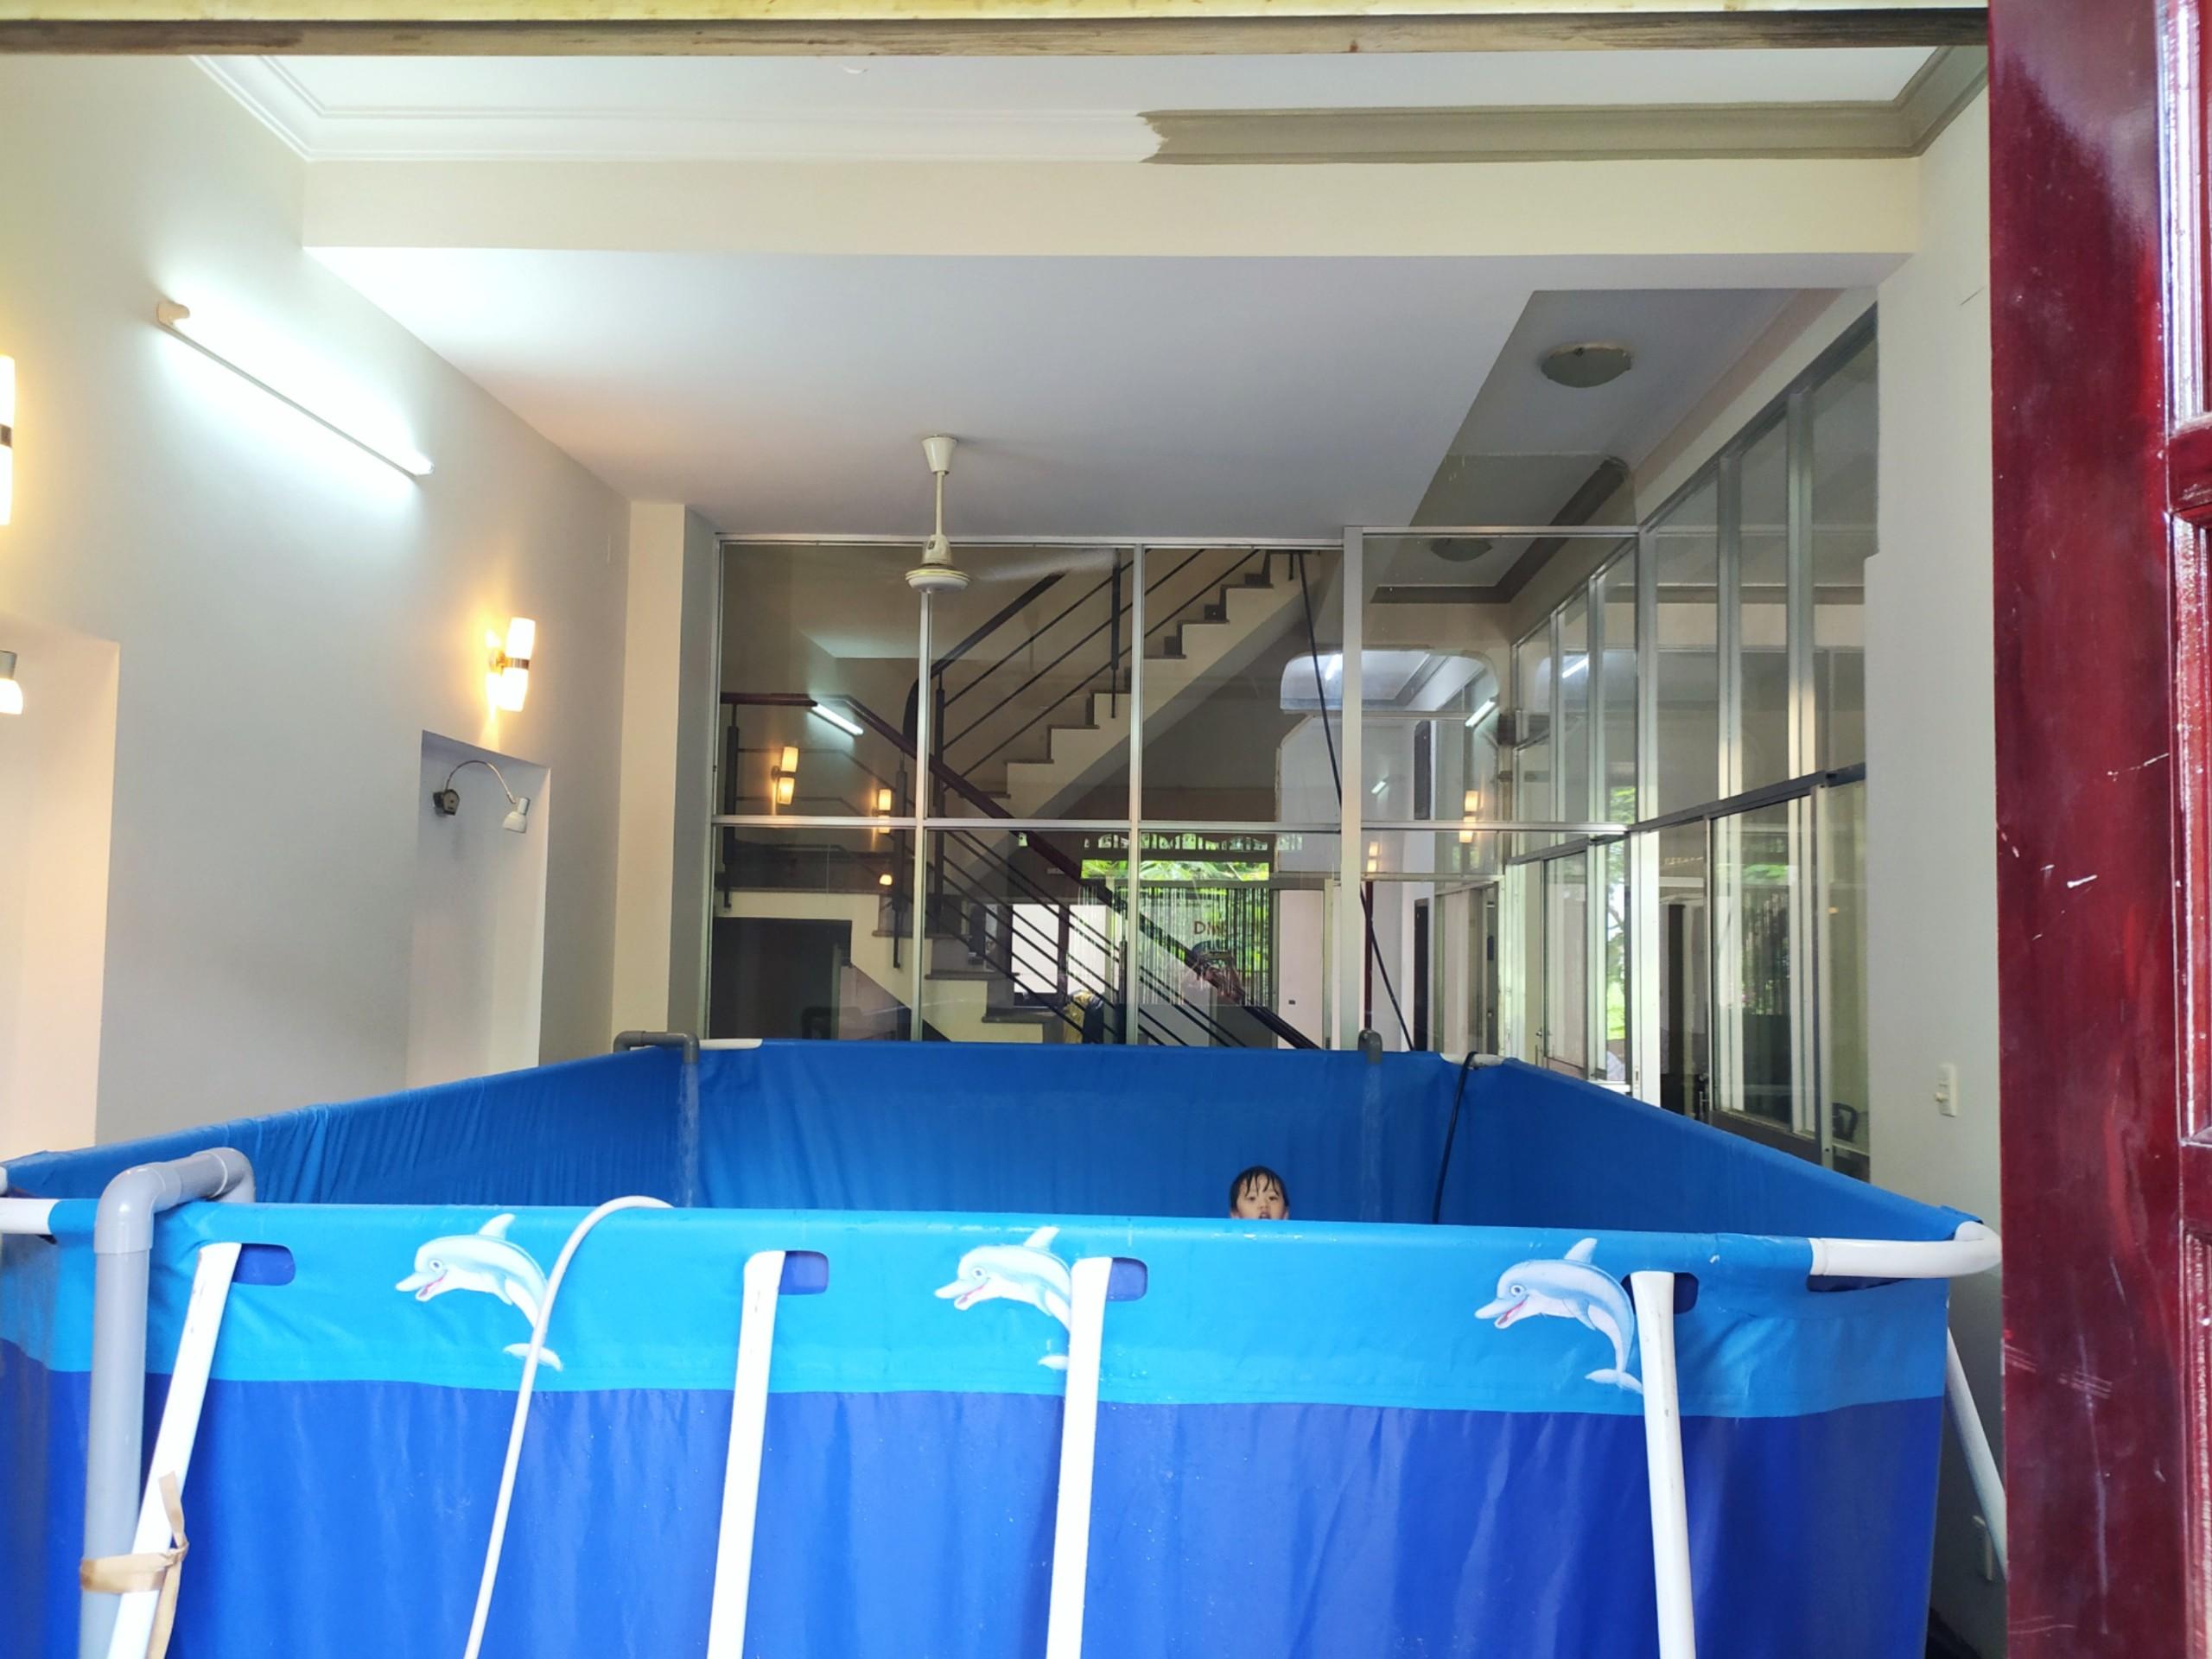 Bể bơi gia đình lắp ghép đặt trong nhà